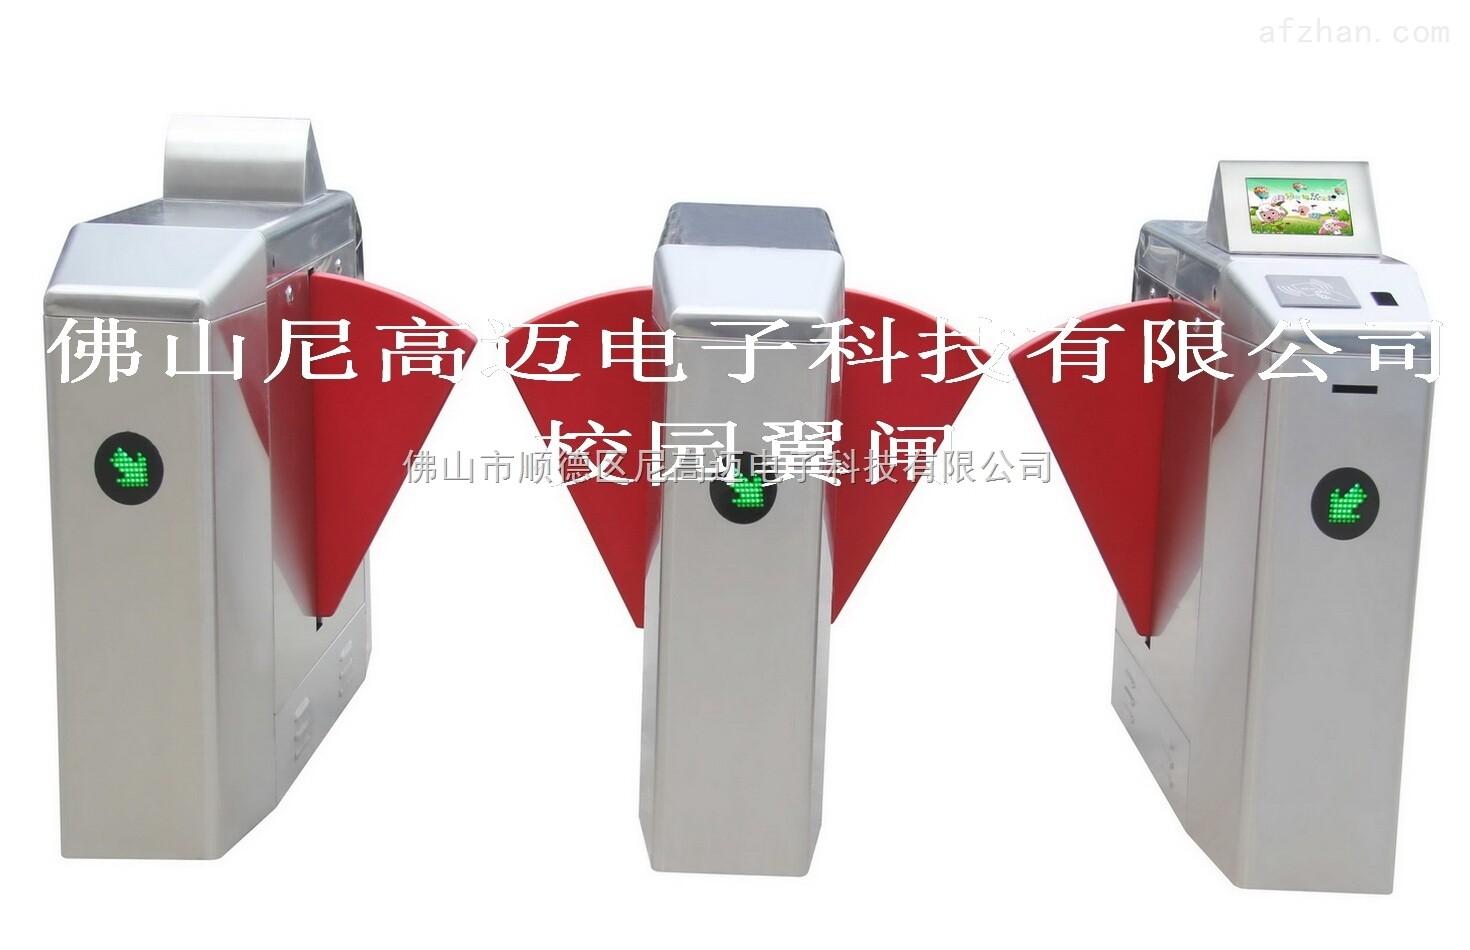 白钢翼闸厂家、幼儿园防撞翼闸、门禁考勤翼闸管理系统